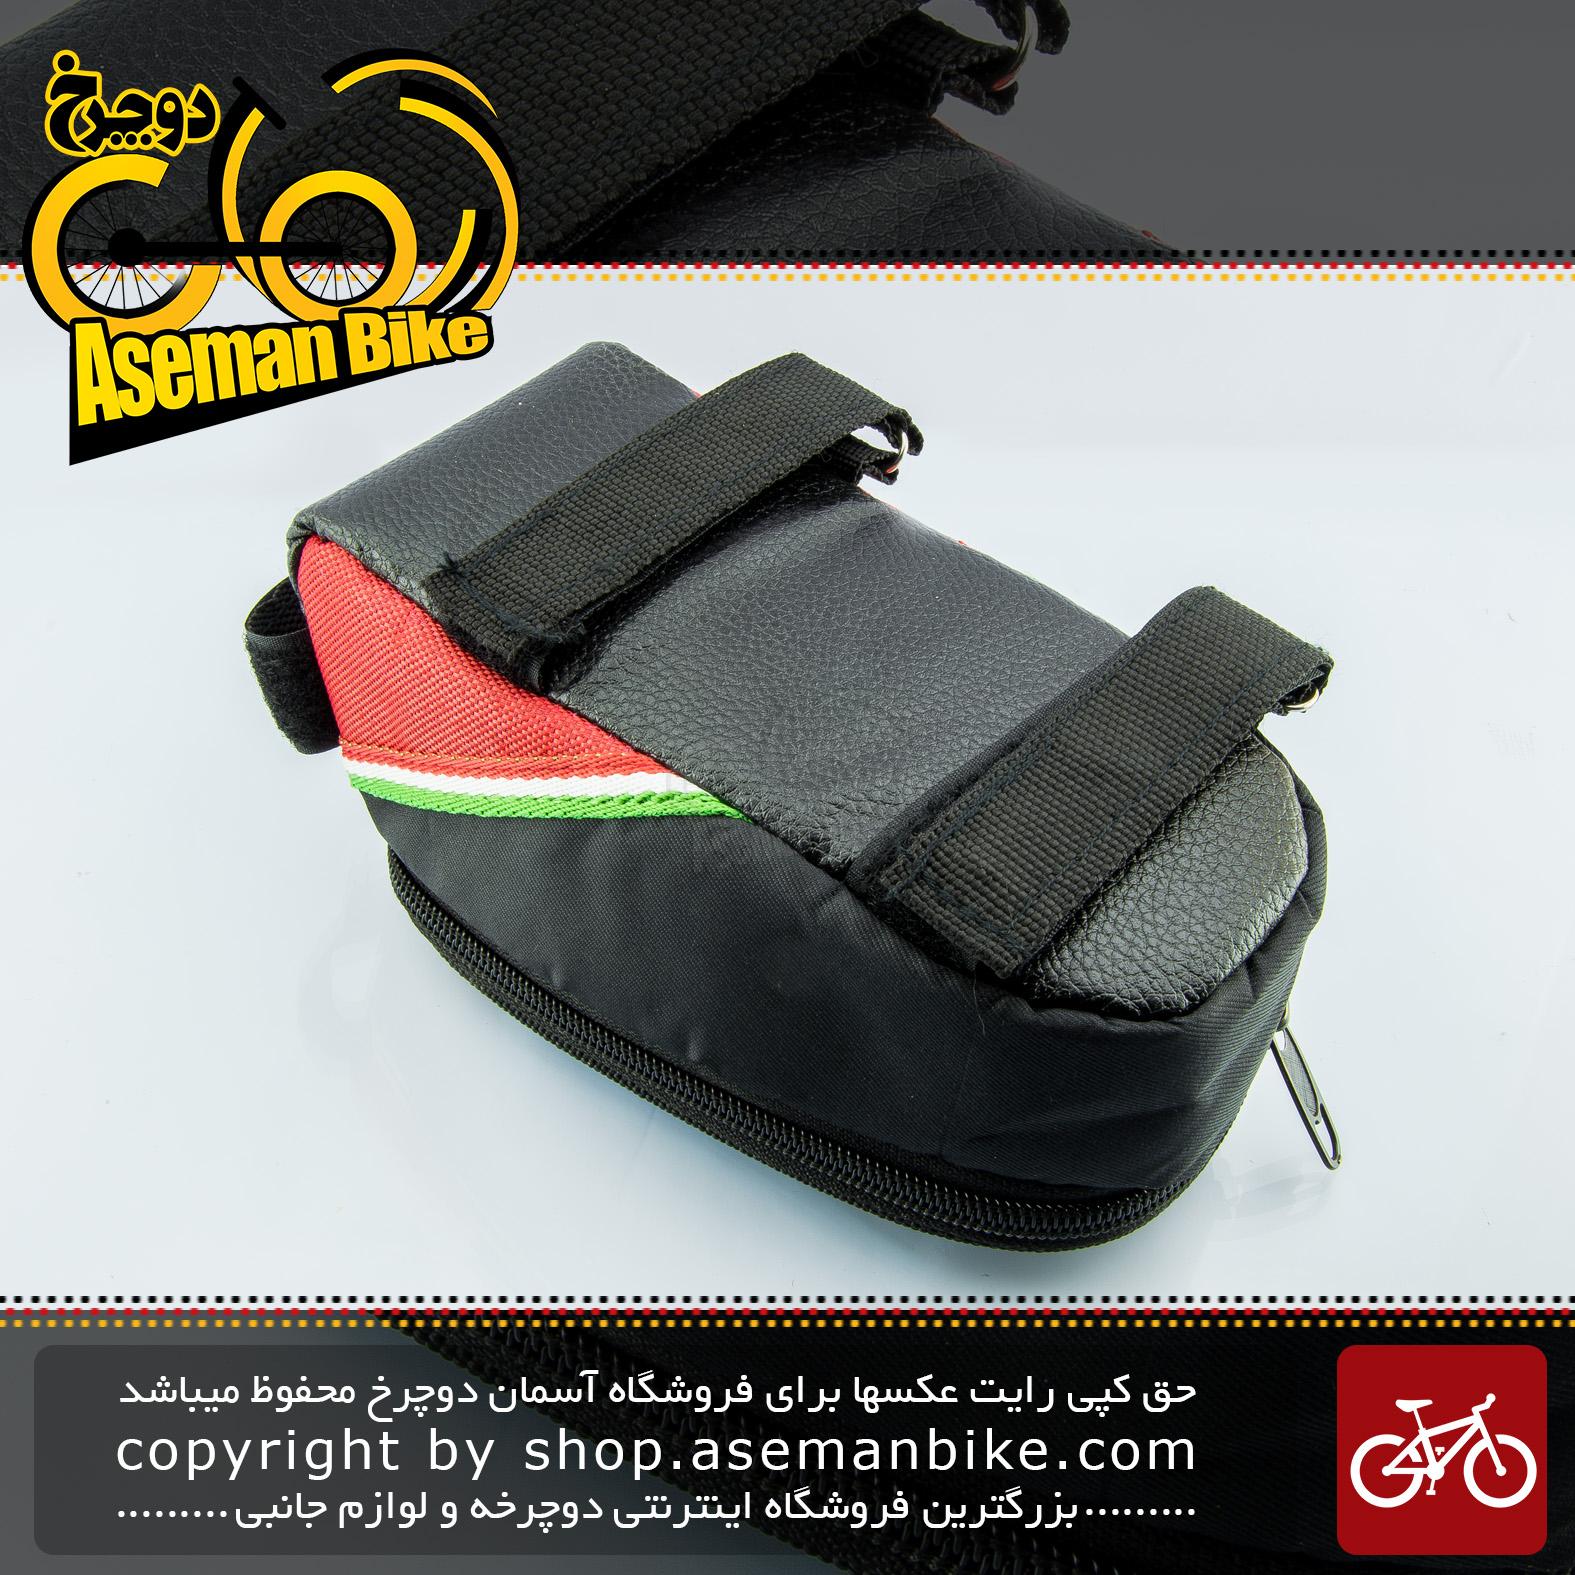 کیف روی فرمان دوچرخه نوین مدیوم نگهدارنده موبایل مشکی قرمز با قابلیت تاچ موبایل NOVIN Bike Handlebar Bag with Mobile Phone Holder, Bicycle Frame Top Tube Pouch, with Touch Screen Window